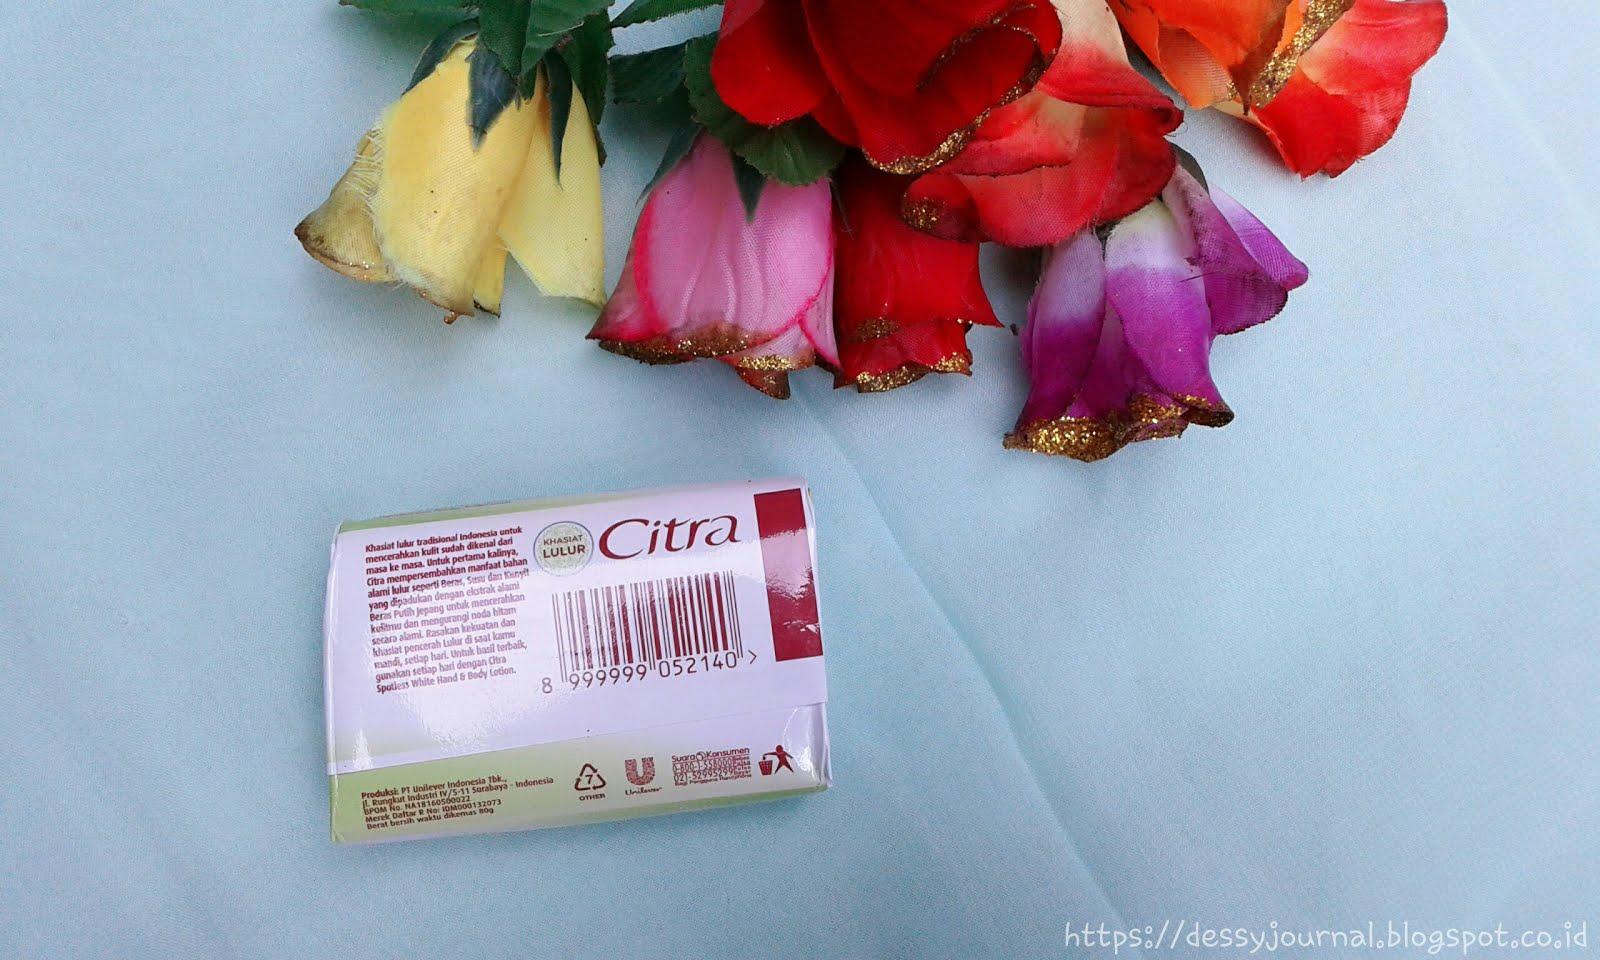 Dessy Journal Review Citra Sabun Mandi Lulur Spotless White Paket Handbody Lotion Dan Untuk Pertama Kalinya Mempersembahkan Manfaat Bahan Alami Seperti Beras Susu Kunyit Yang Dipadukan Dengan Ekstrak Putih